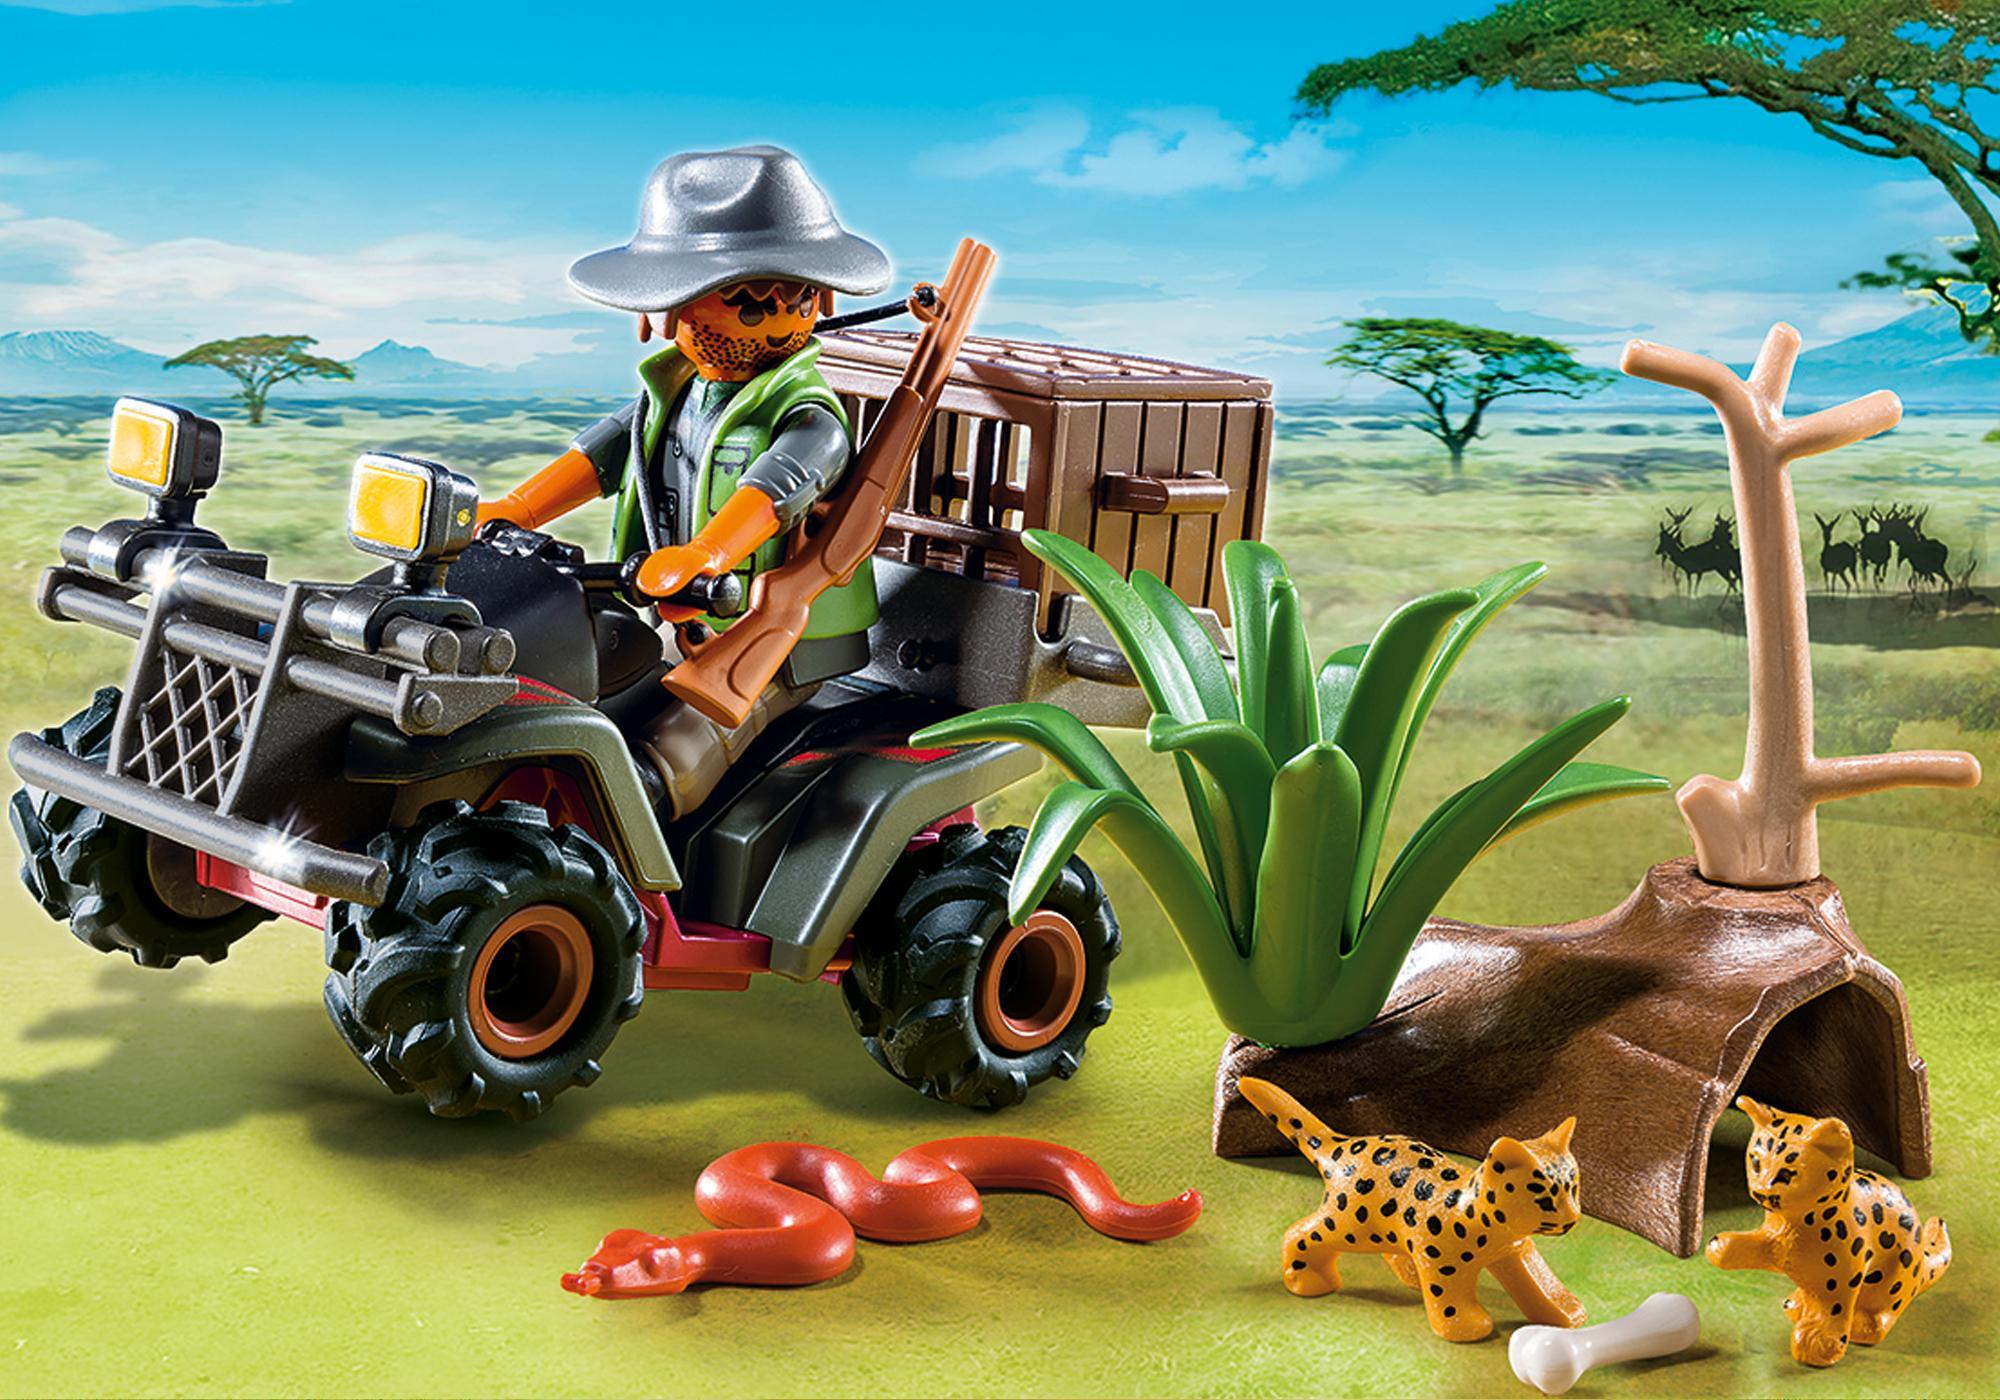 http://media.playmobil.com/i/playmobil/6939_product_detail/Braconnier avec quad